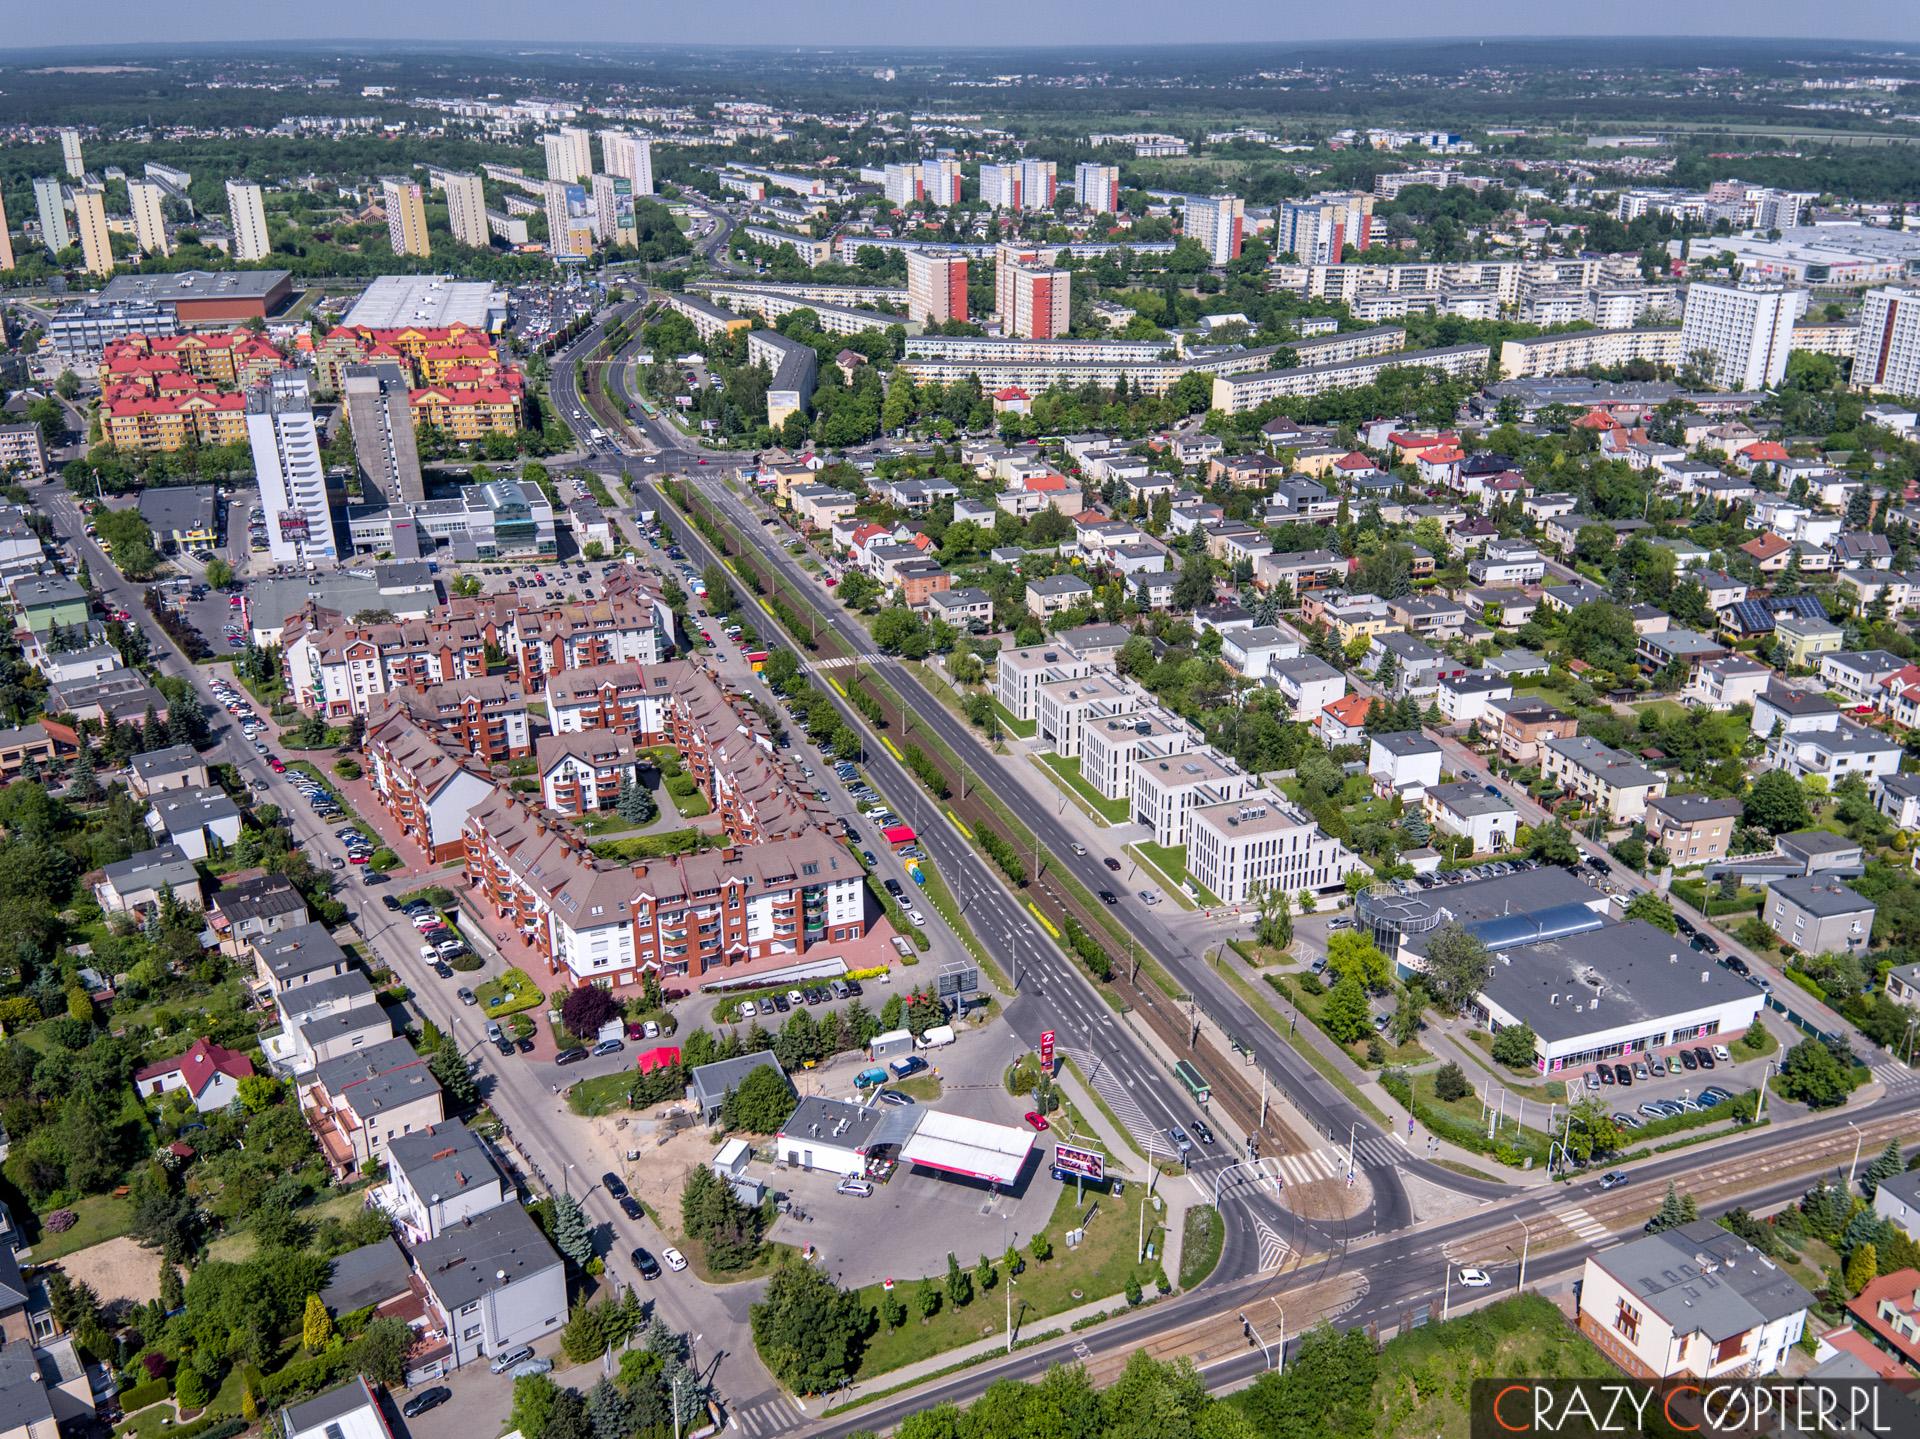 Zdjęcie z drona nieruchomości w Poznaniu idealnie pokazuje lokalizację nowo wybudowanych biur pod wynajem.